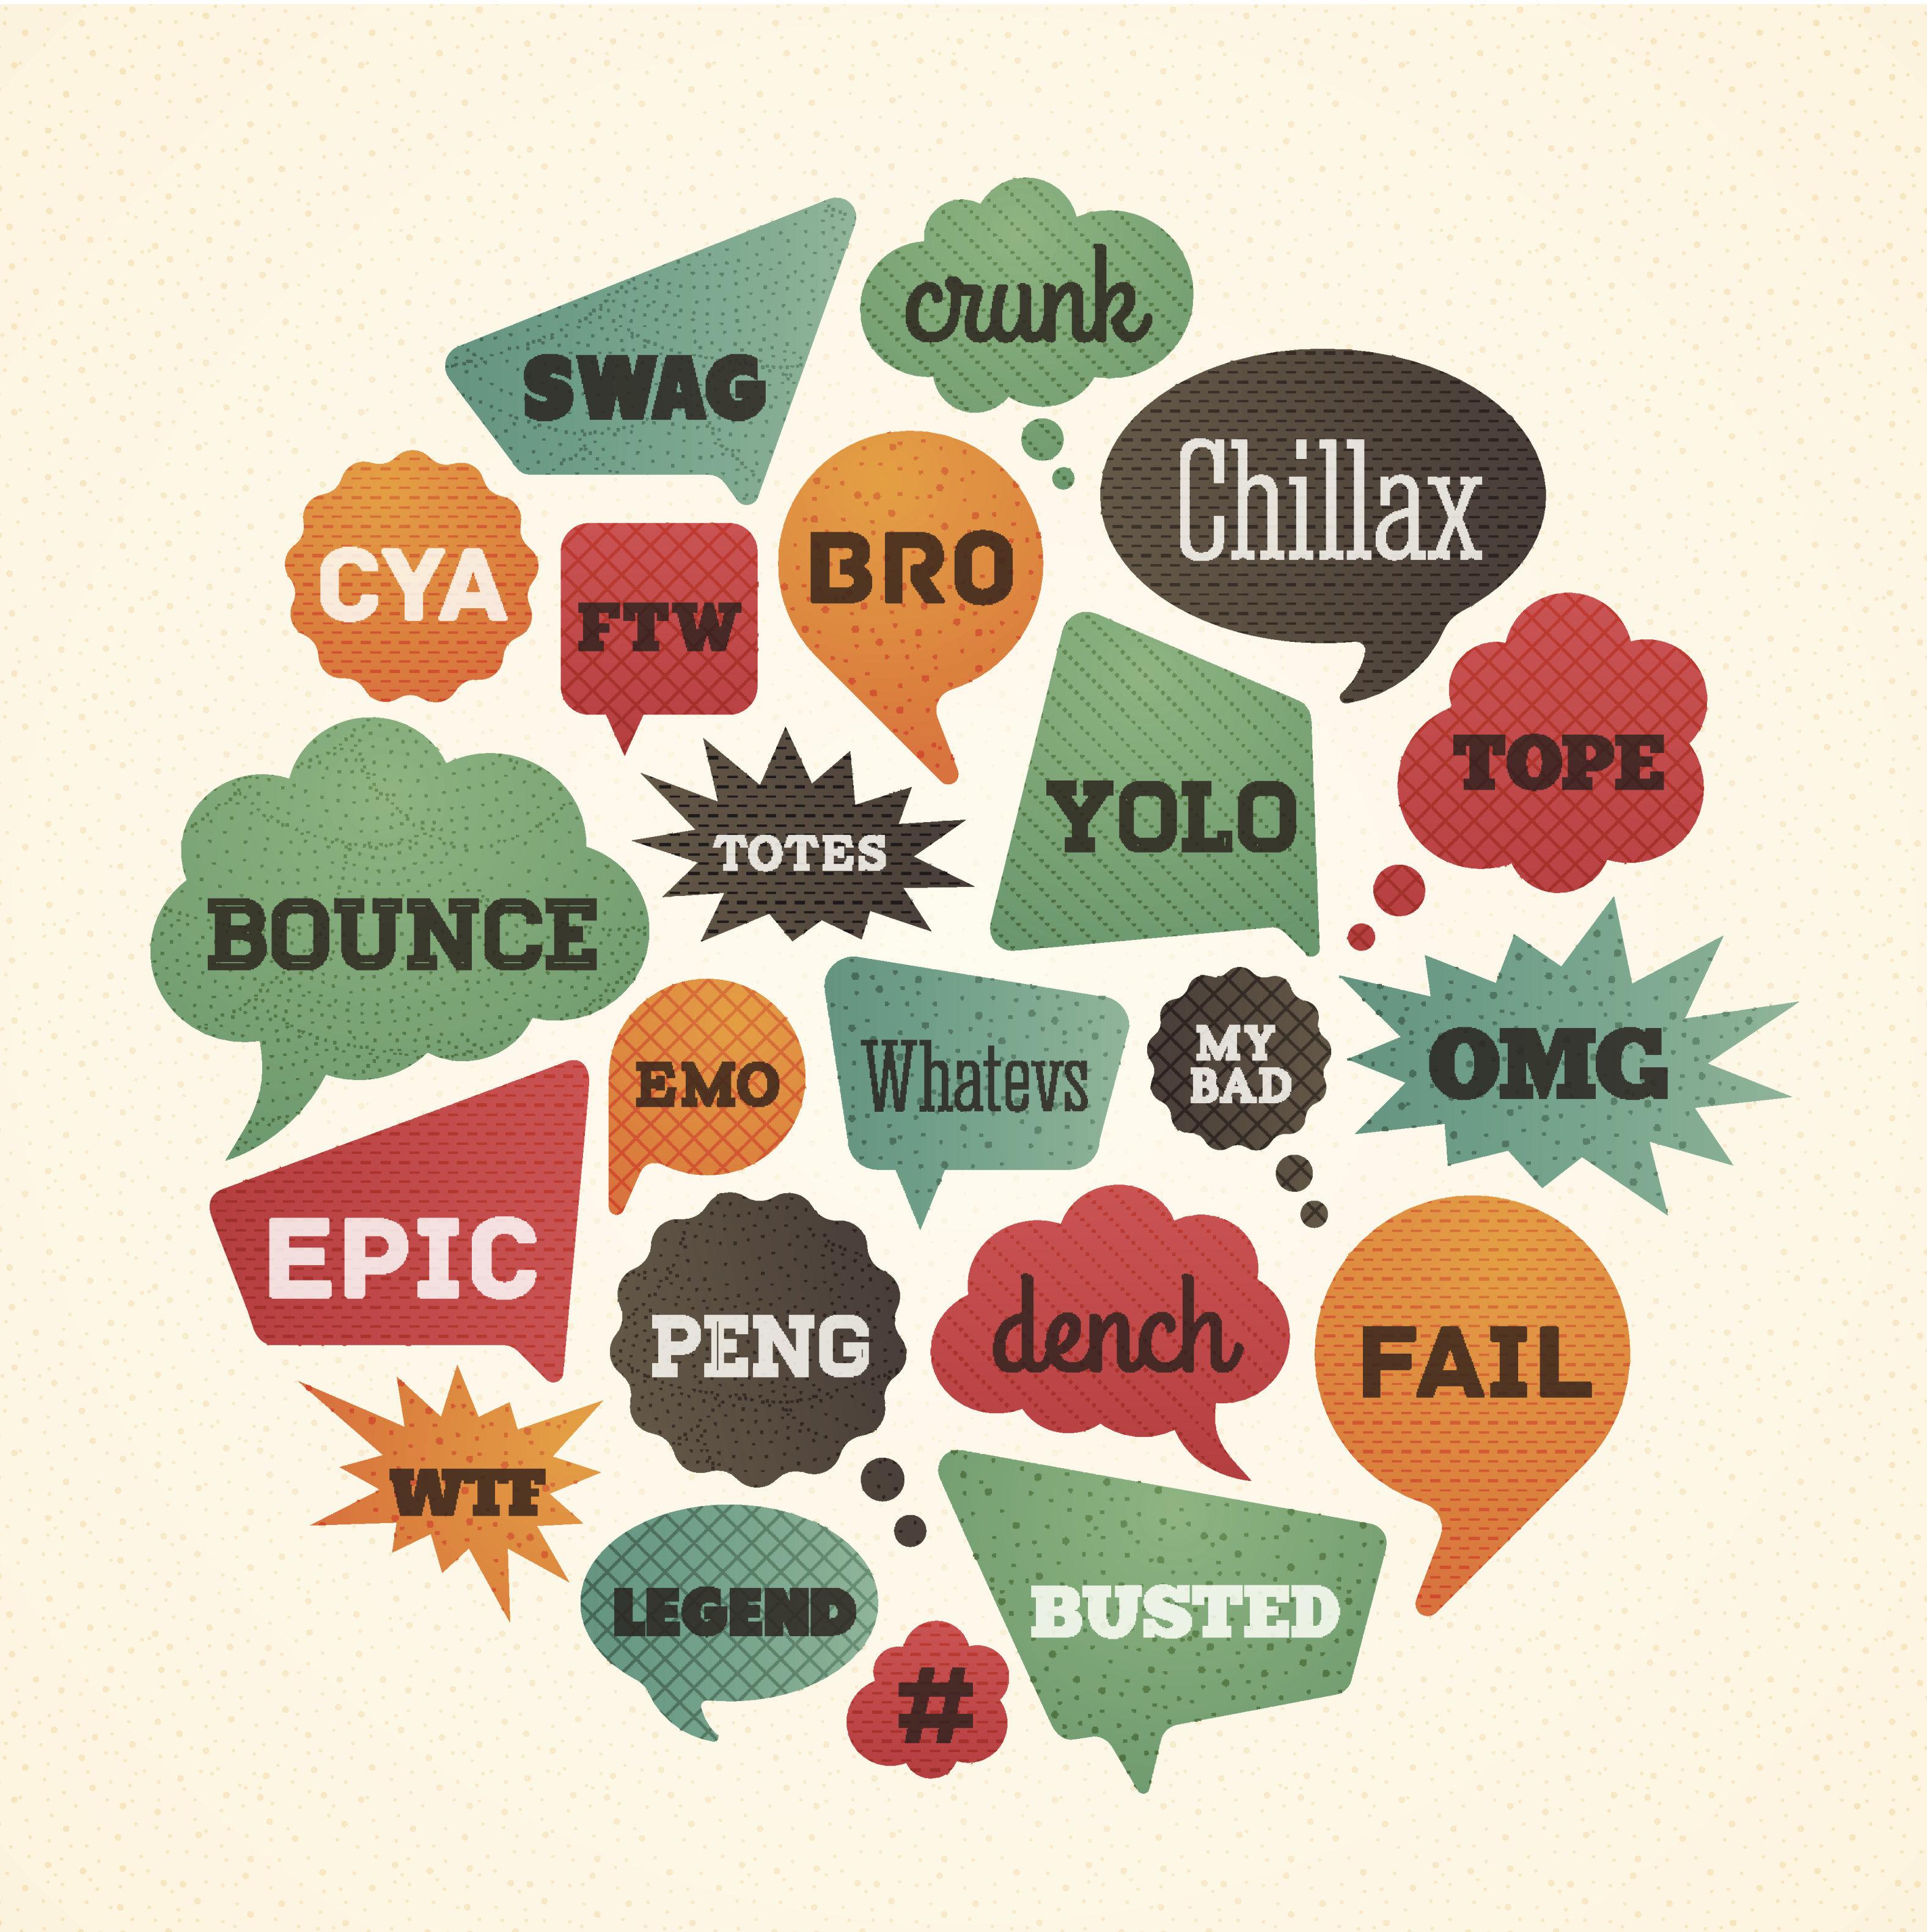 List of teenage slang words